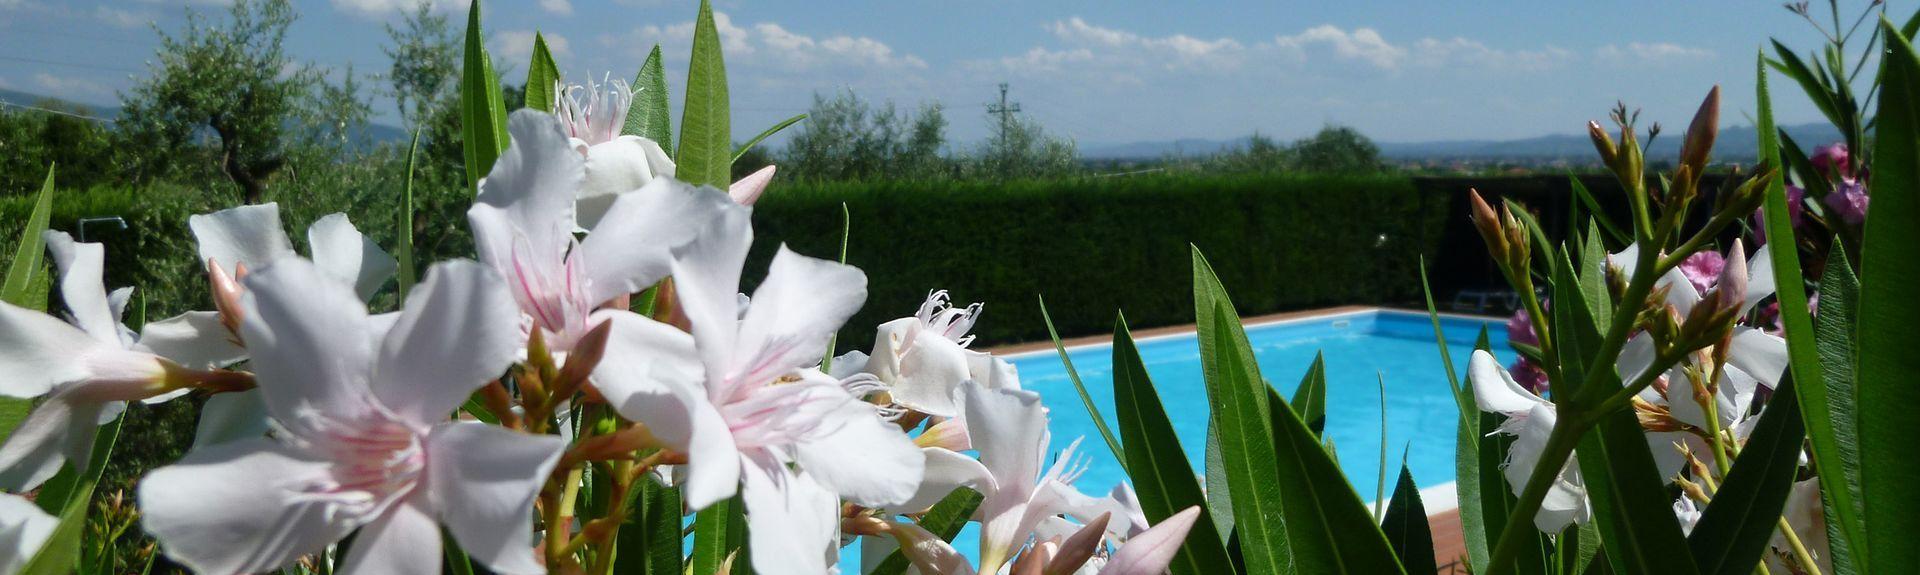 Santomato, Pistoia, Toscana, Italien